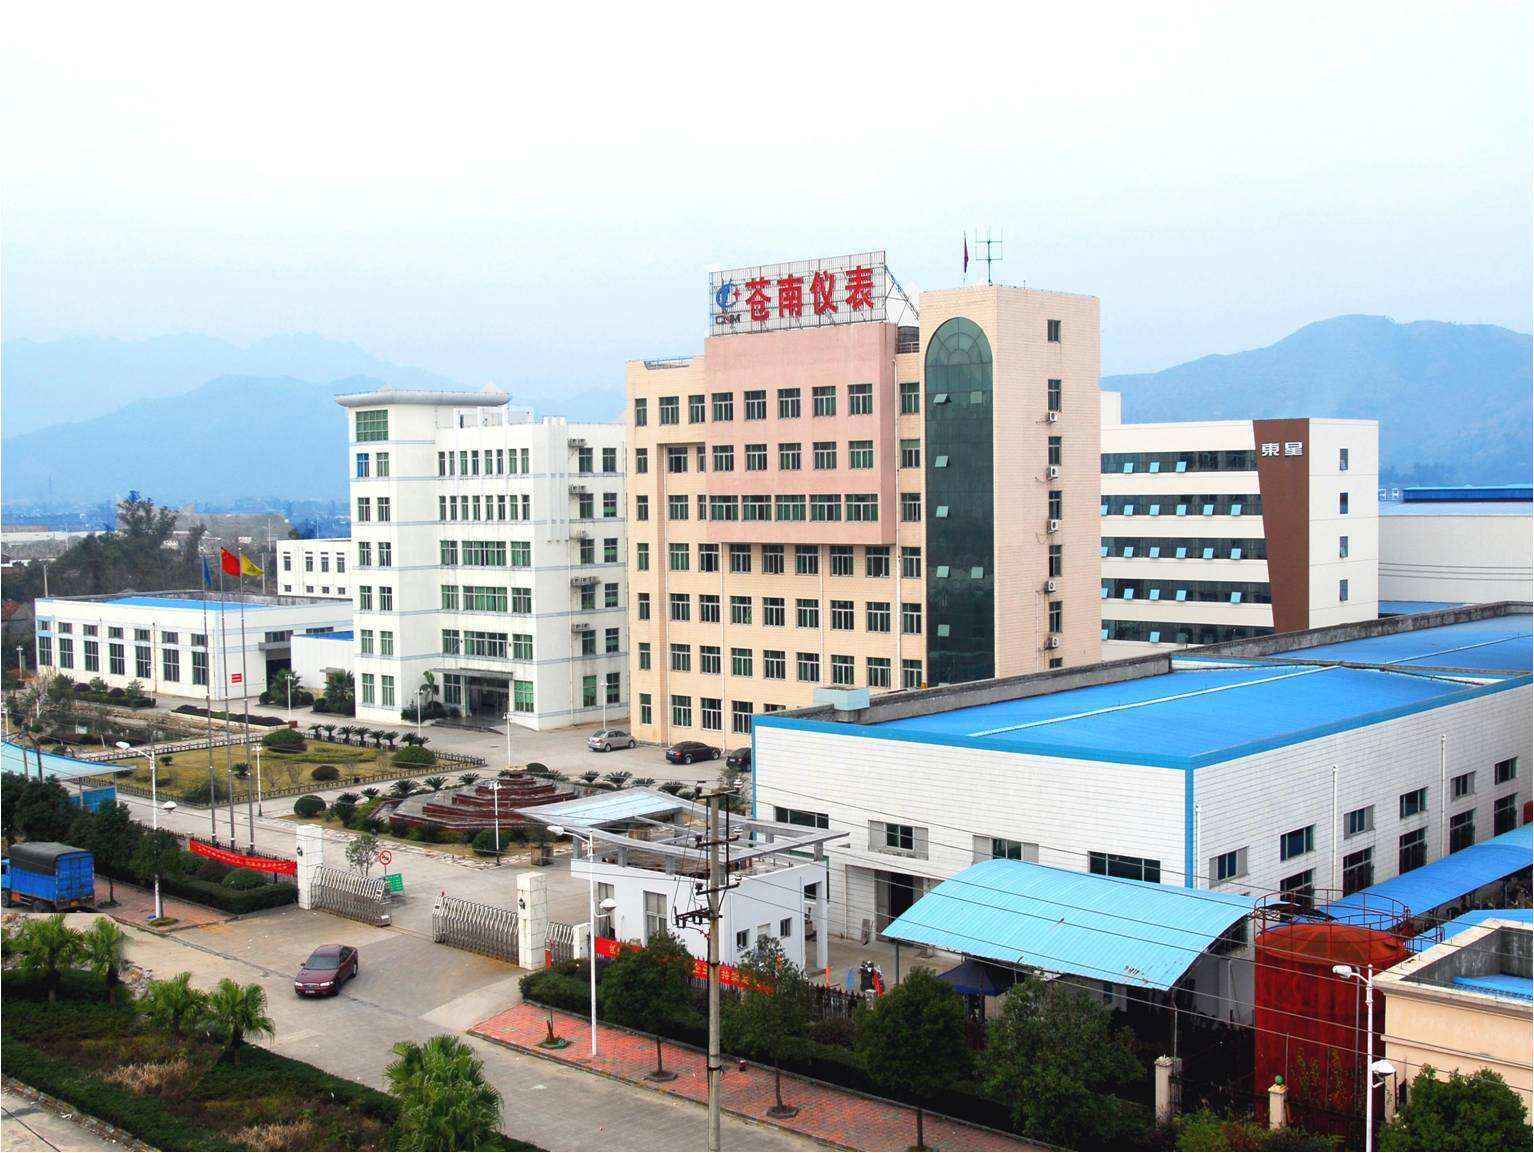 蒼南儀表獲市長質量獎 2019年營收4.84億元